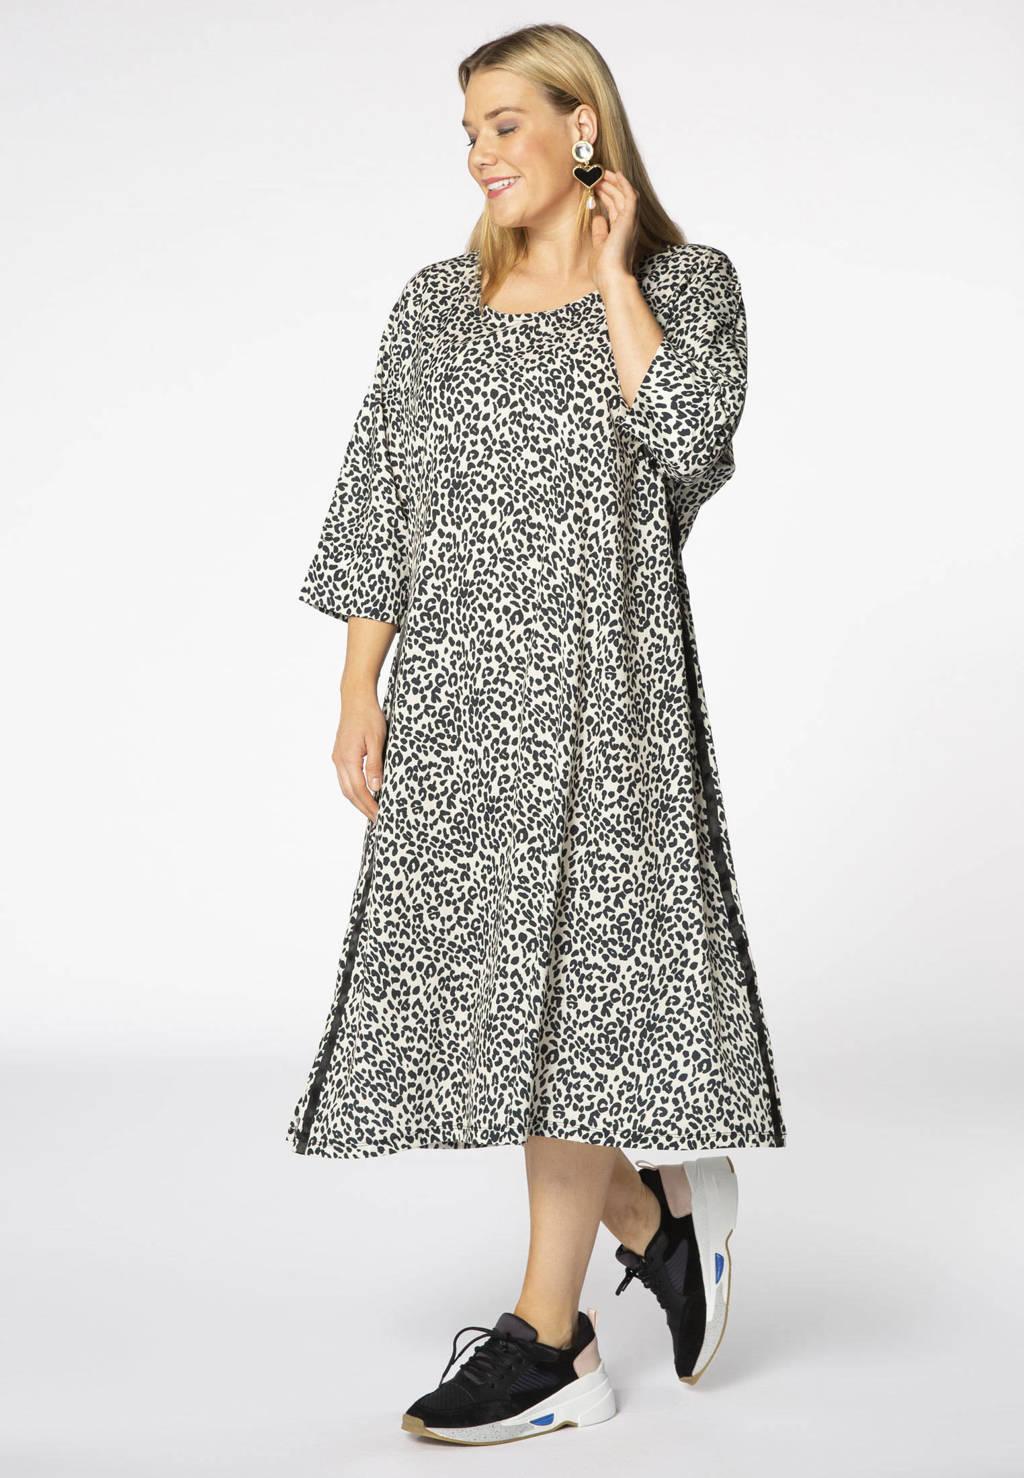 Yoek jersey jurk met panterprint wit/zwart, Wit/zwart